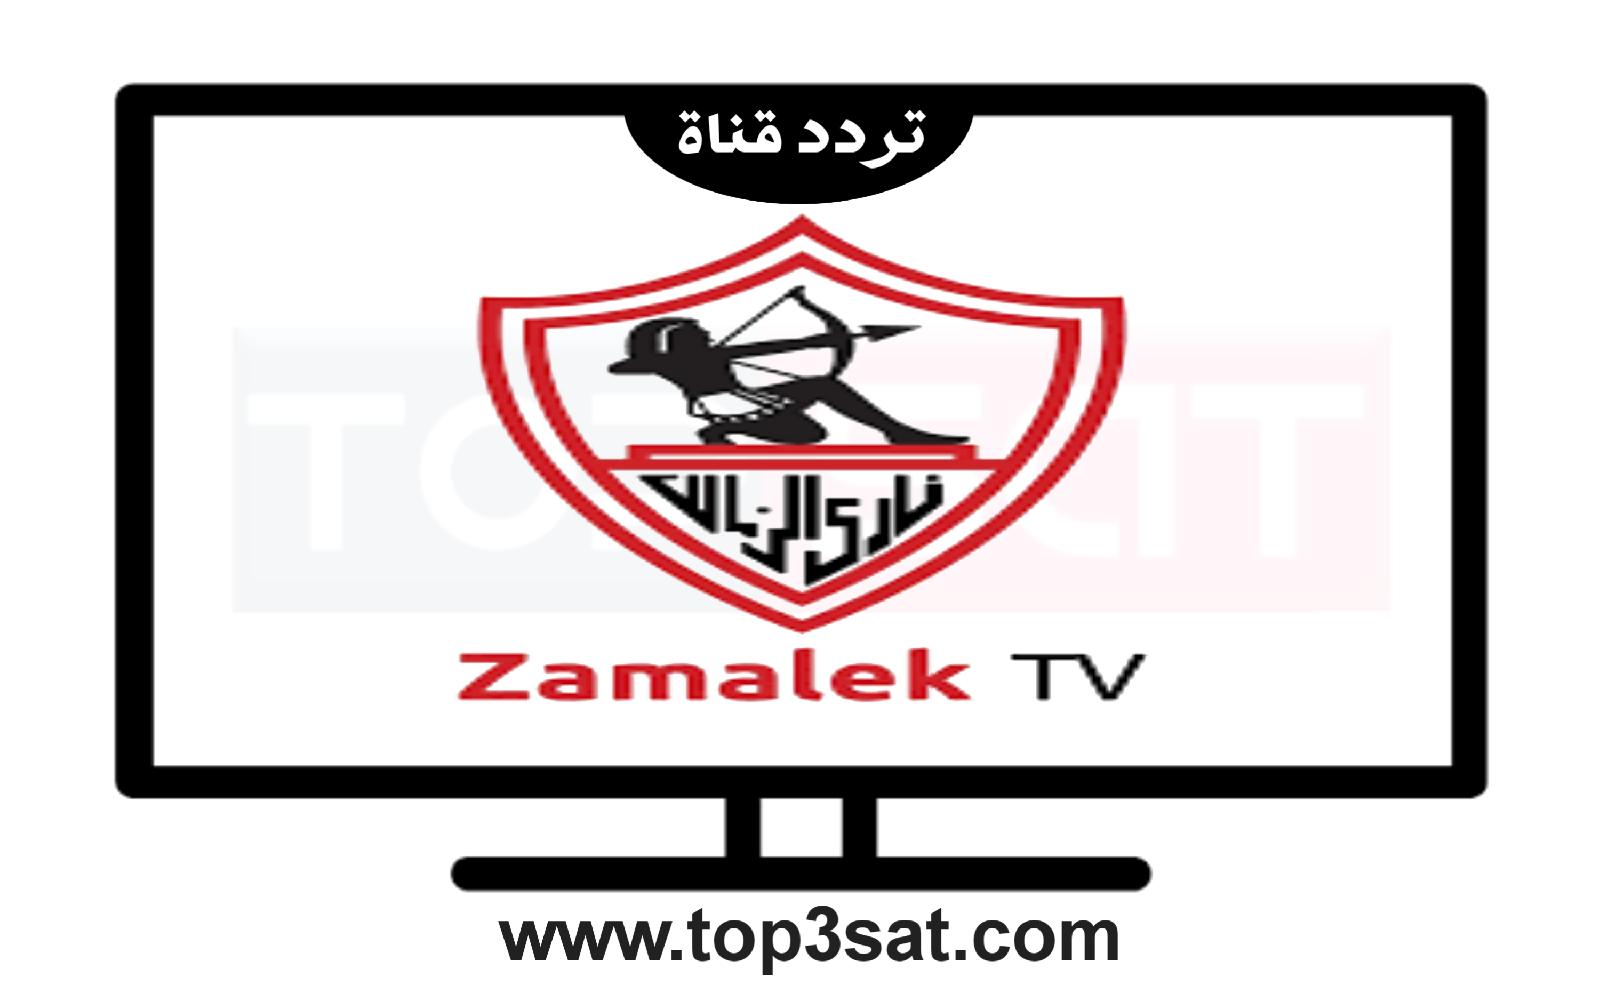 تردد قناة الزمالك تى فى SD الجديد على النايل سات Zamalek Sports 2020